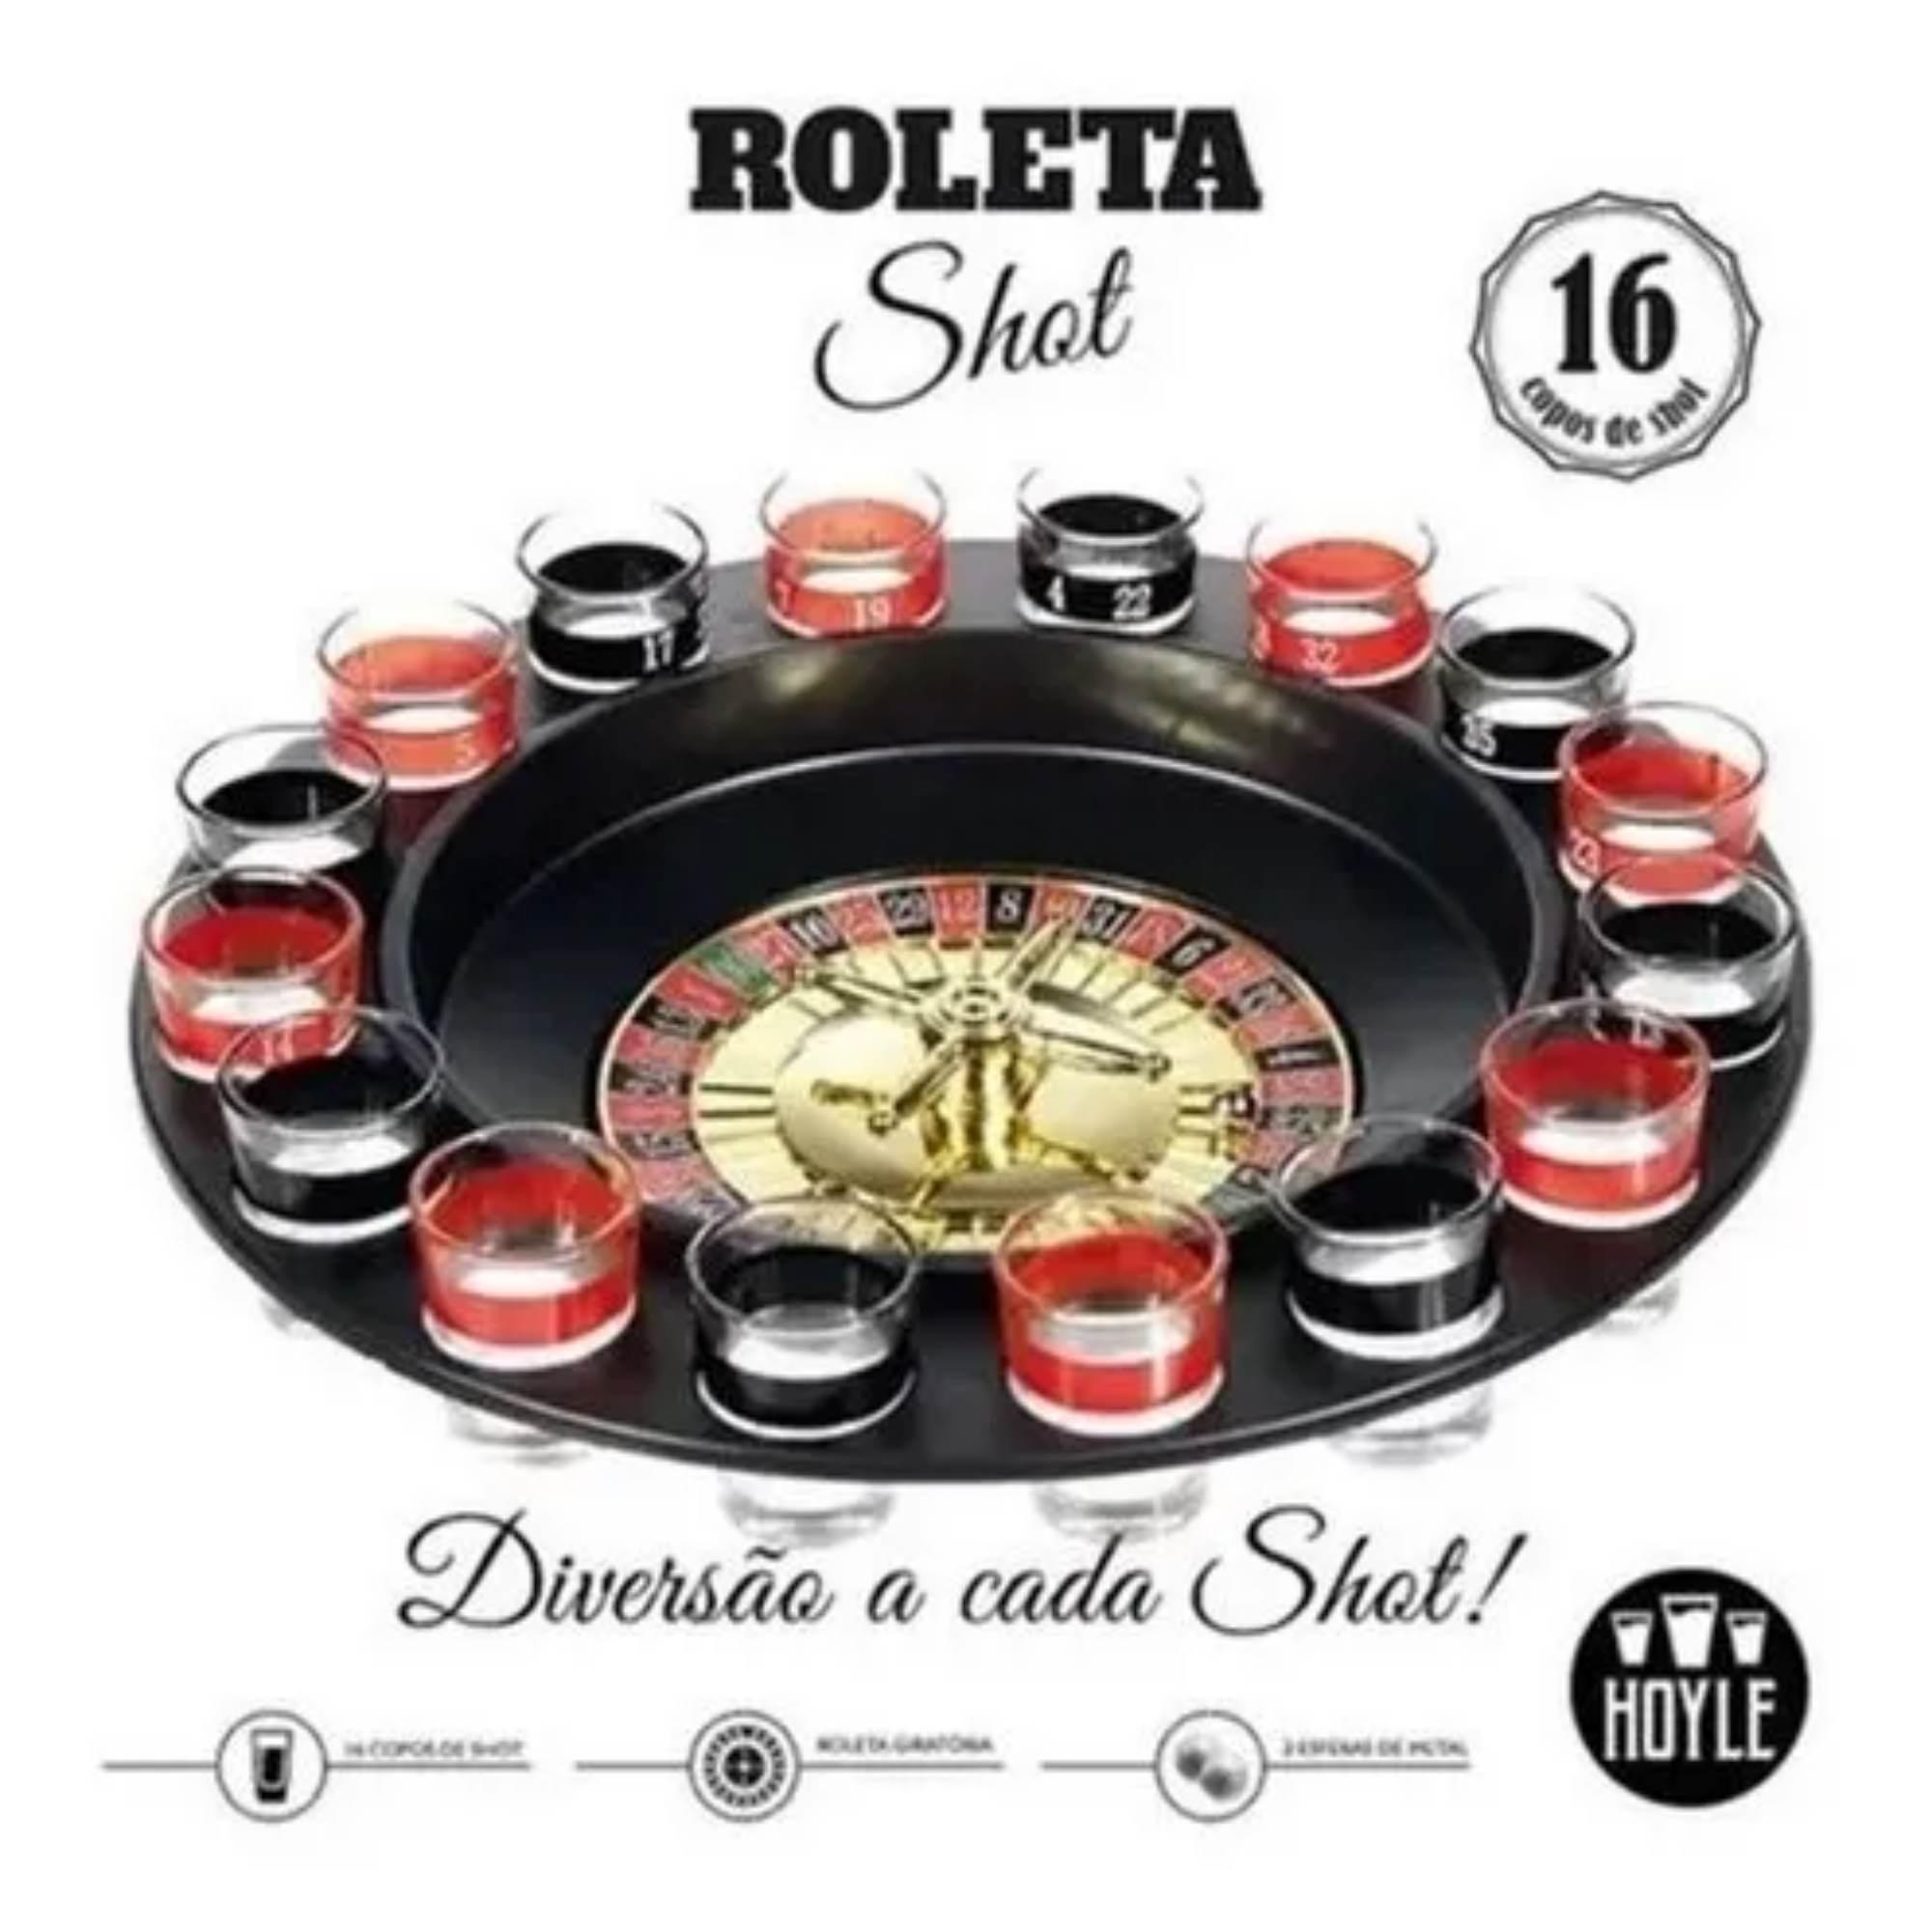 Jogo Roleta Shot 16 copos Hoyle Games  - Sua Casa Gourmet e Cia